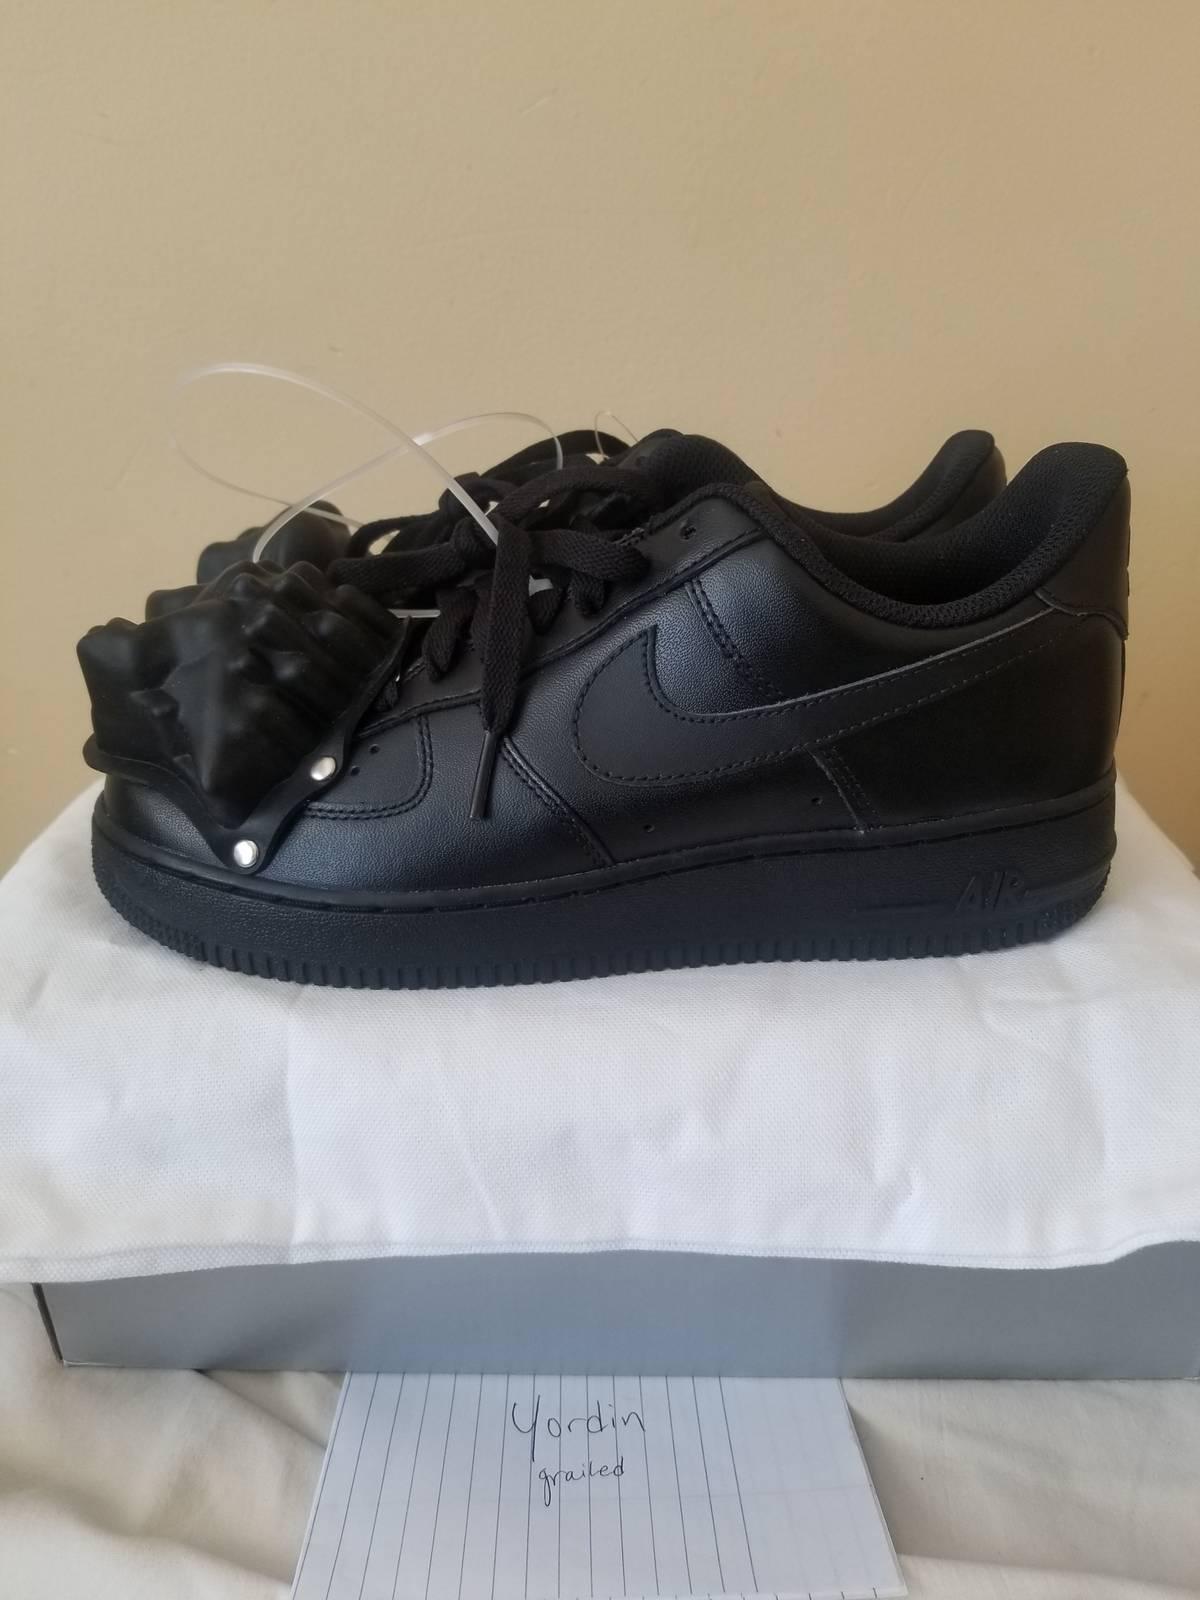 8a0315d5abee2 Nike Comme Des Garcons Homme Plus X Nike Air Force 1 Low Dinosaur ...